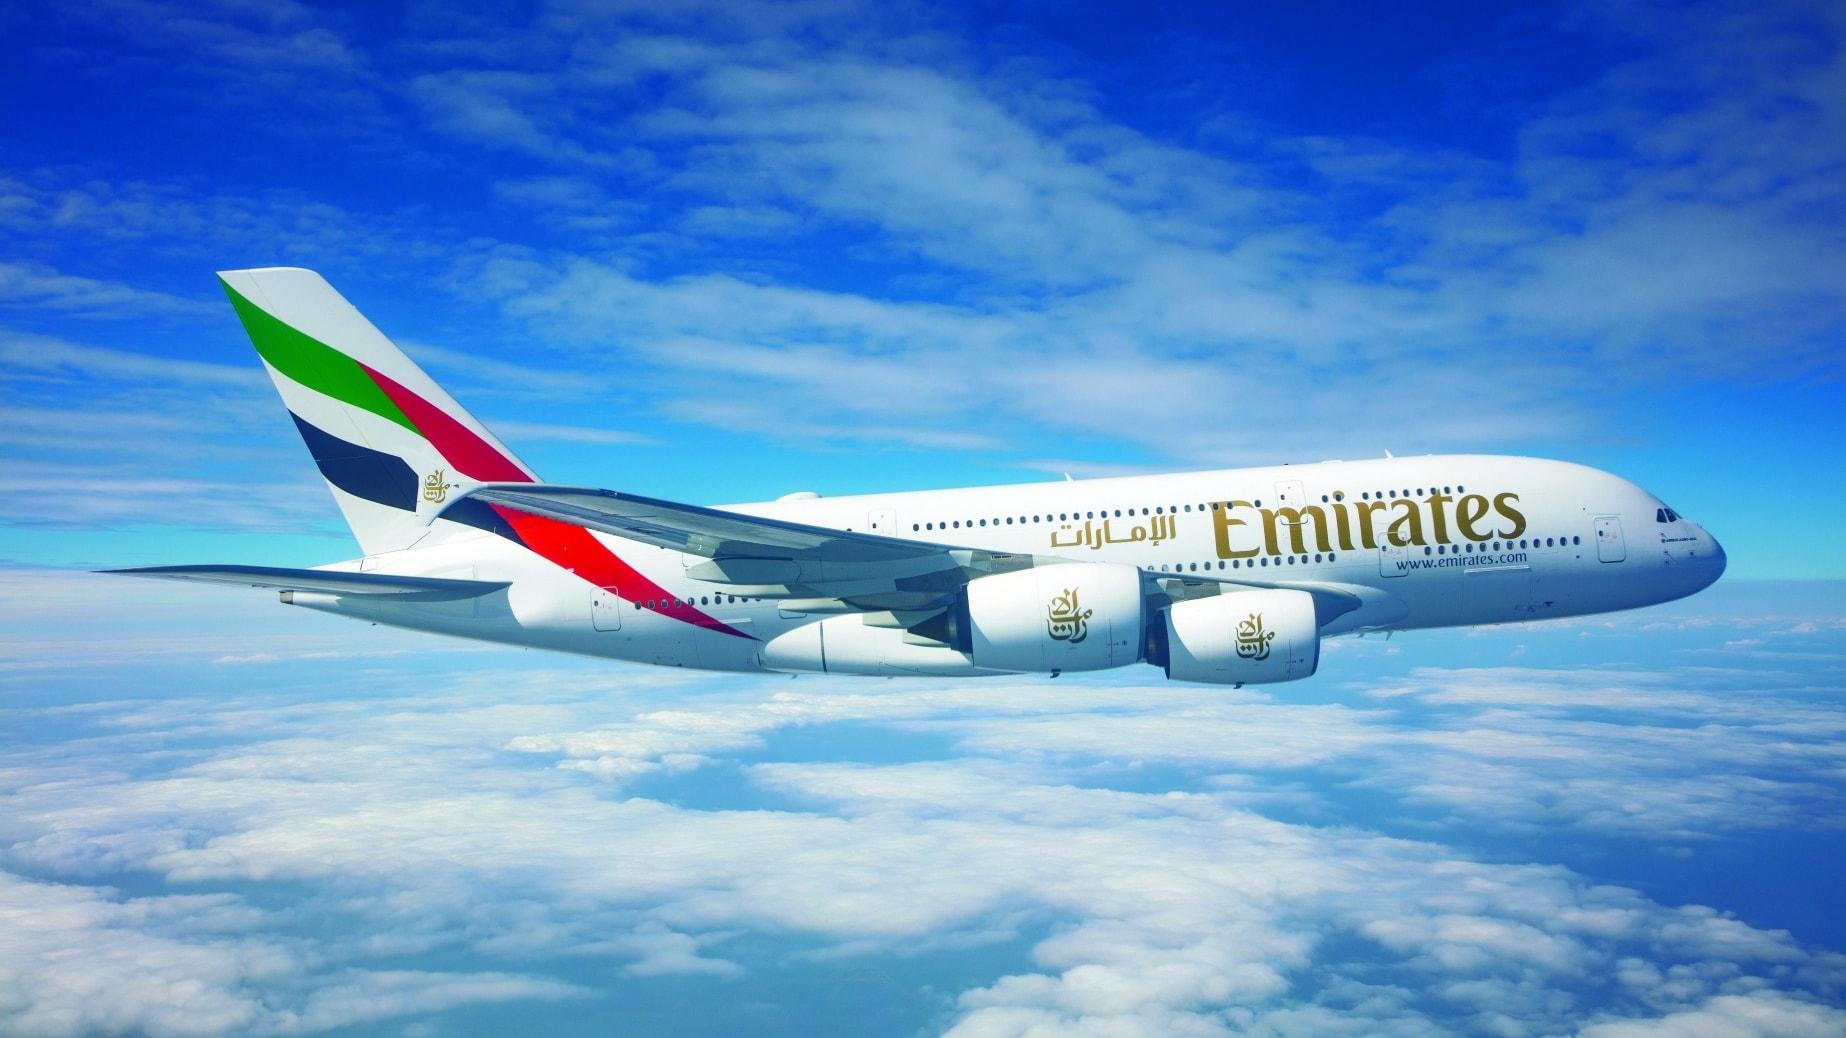 エミレーツ航空(EK)の年間マイレージ購入可能数が2倍になりました